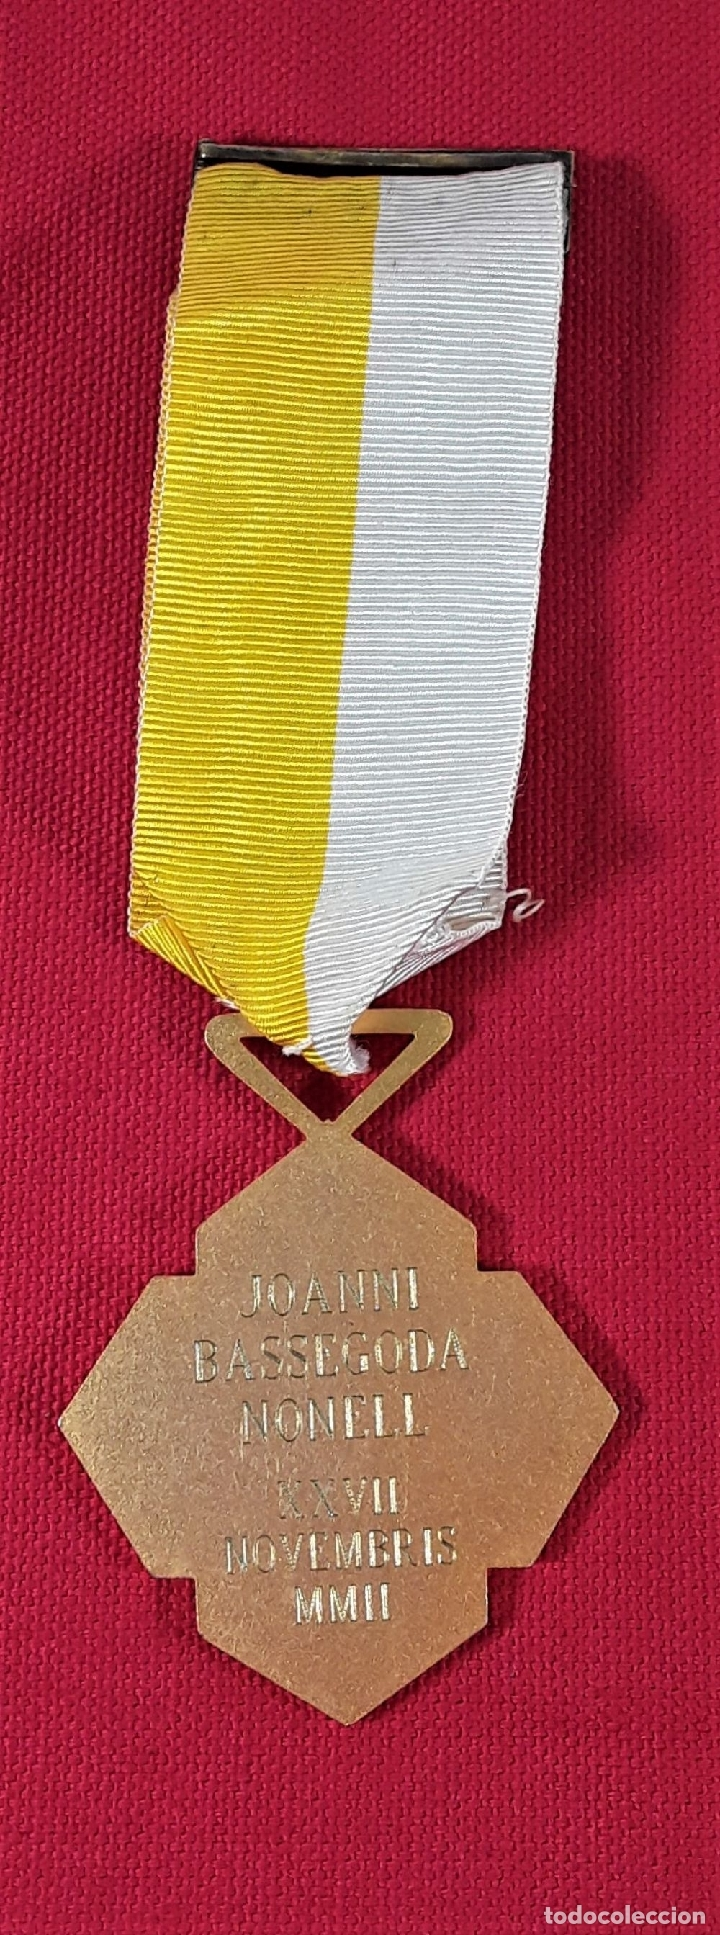 Medallas condecorativas: CONDECORACIÓN, METAL DORADO. JOANNI BASSEGODA NONELL. ESPAÑA. 2002. - Foto 3 - 183073541